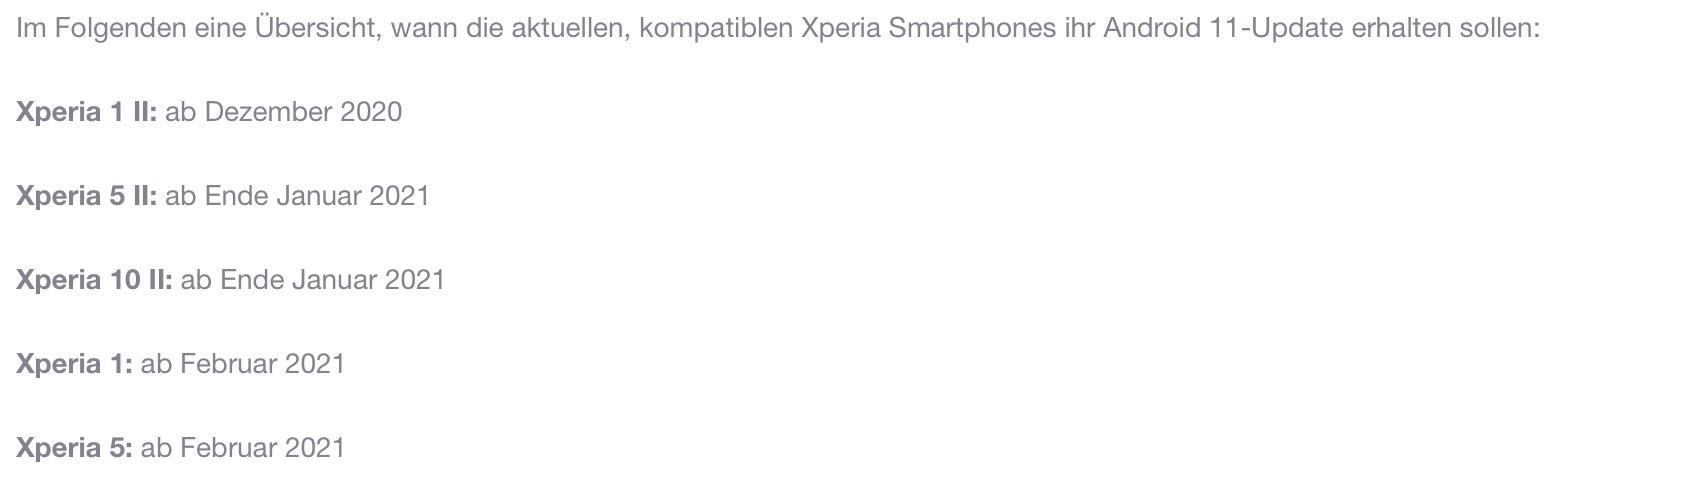 索尼 Android 11 OTA 更新最快本月推出